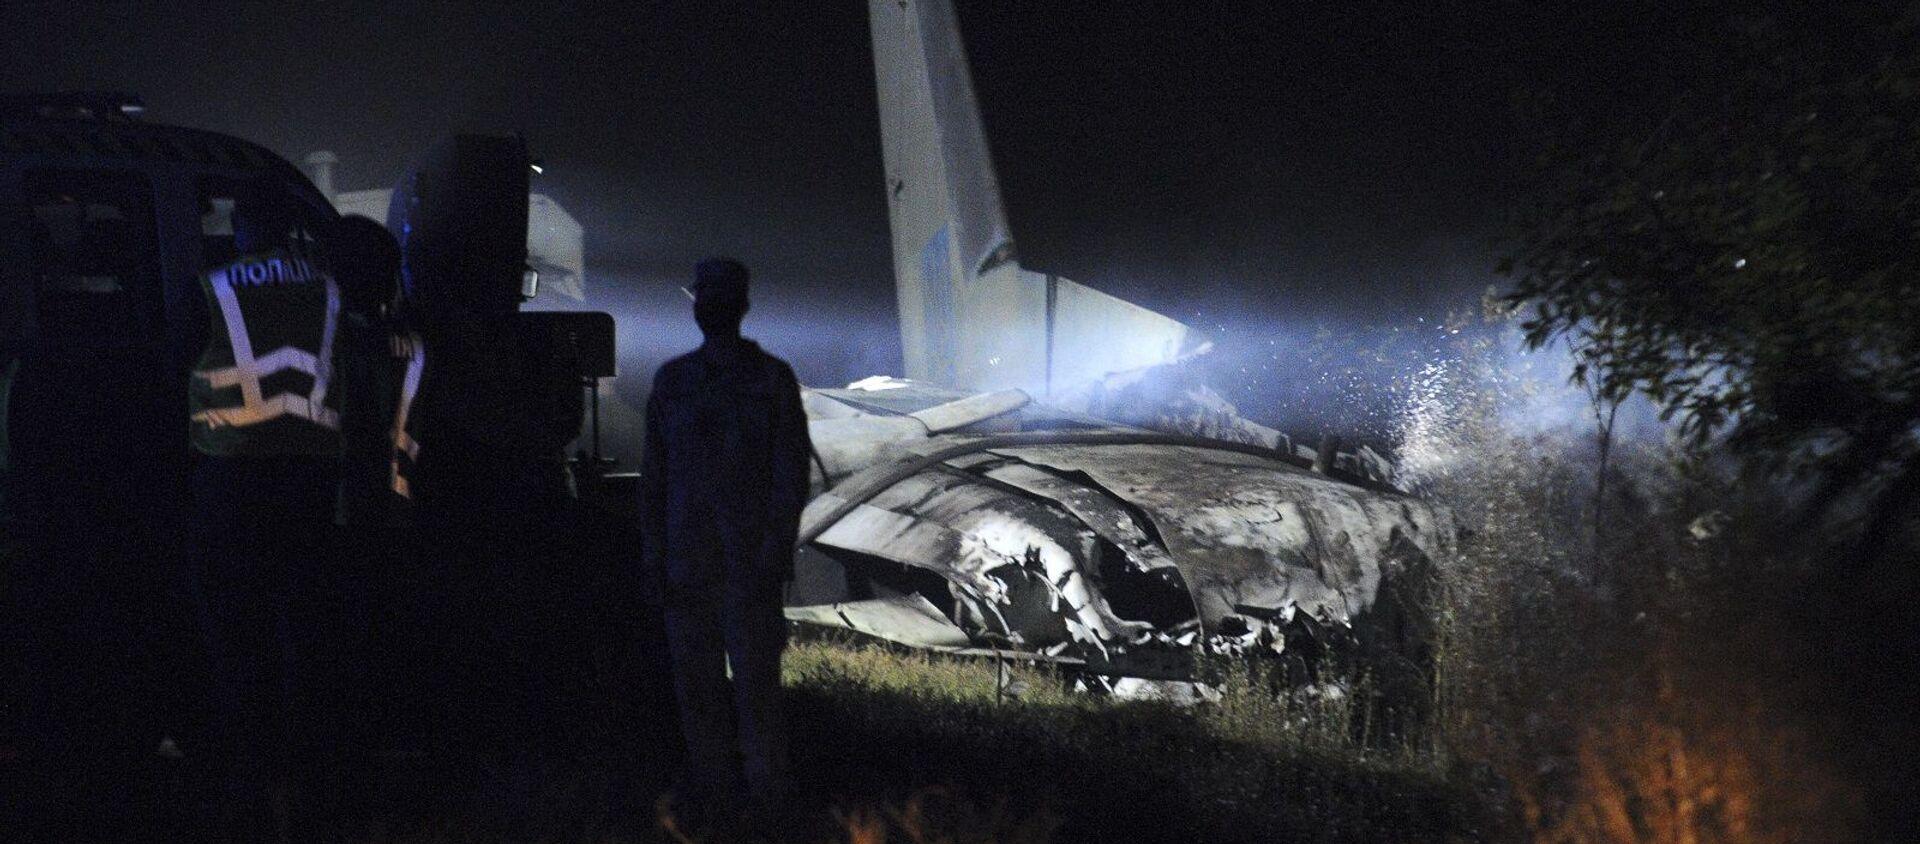 Ukrayna, An-26, uçak kazası - Sputnik Türkiye, 1920, 02.01.2021